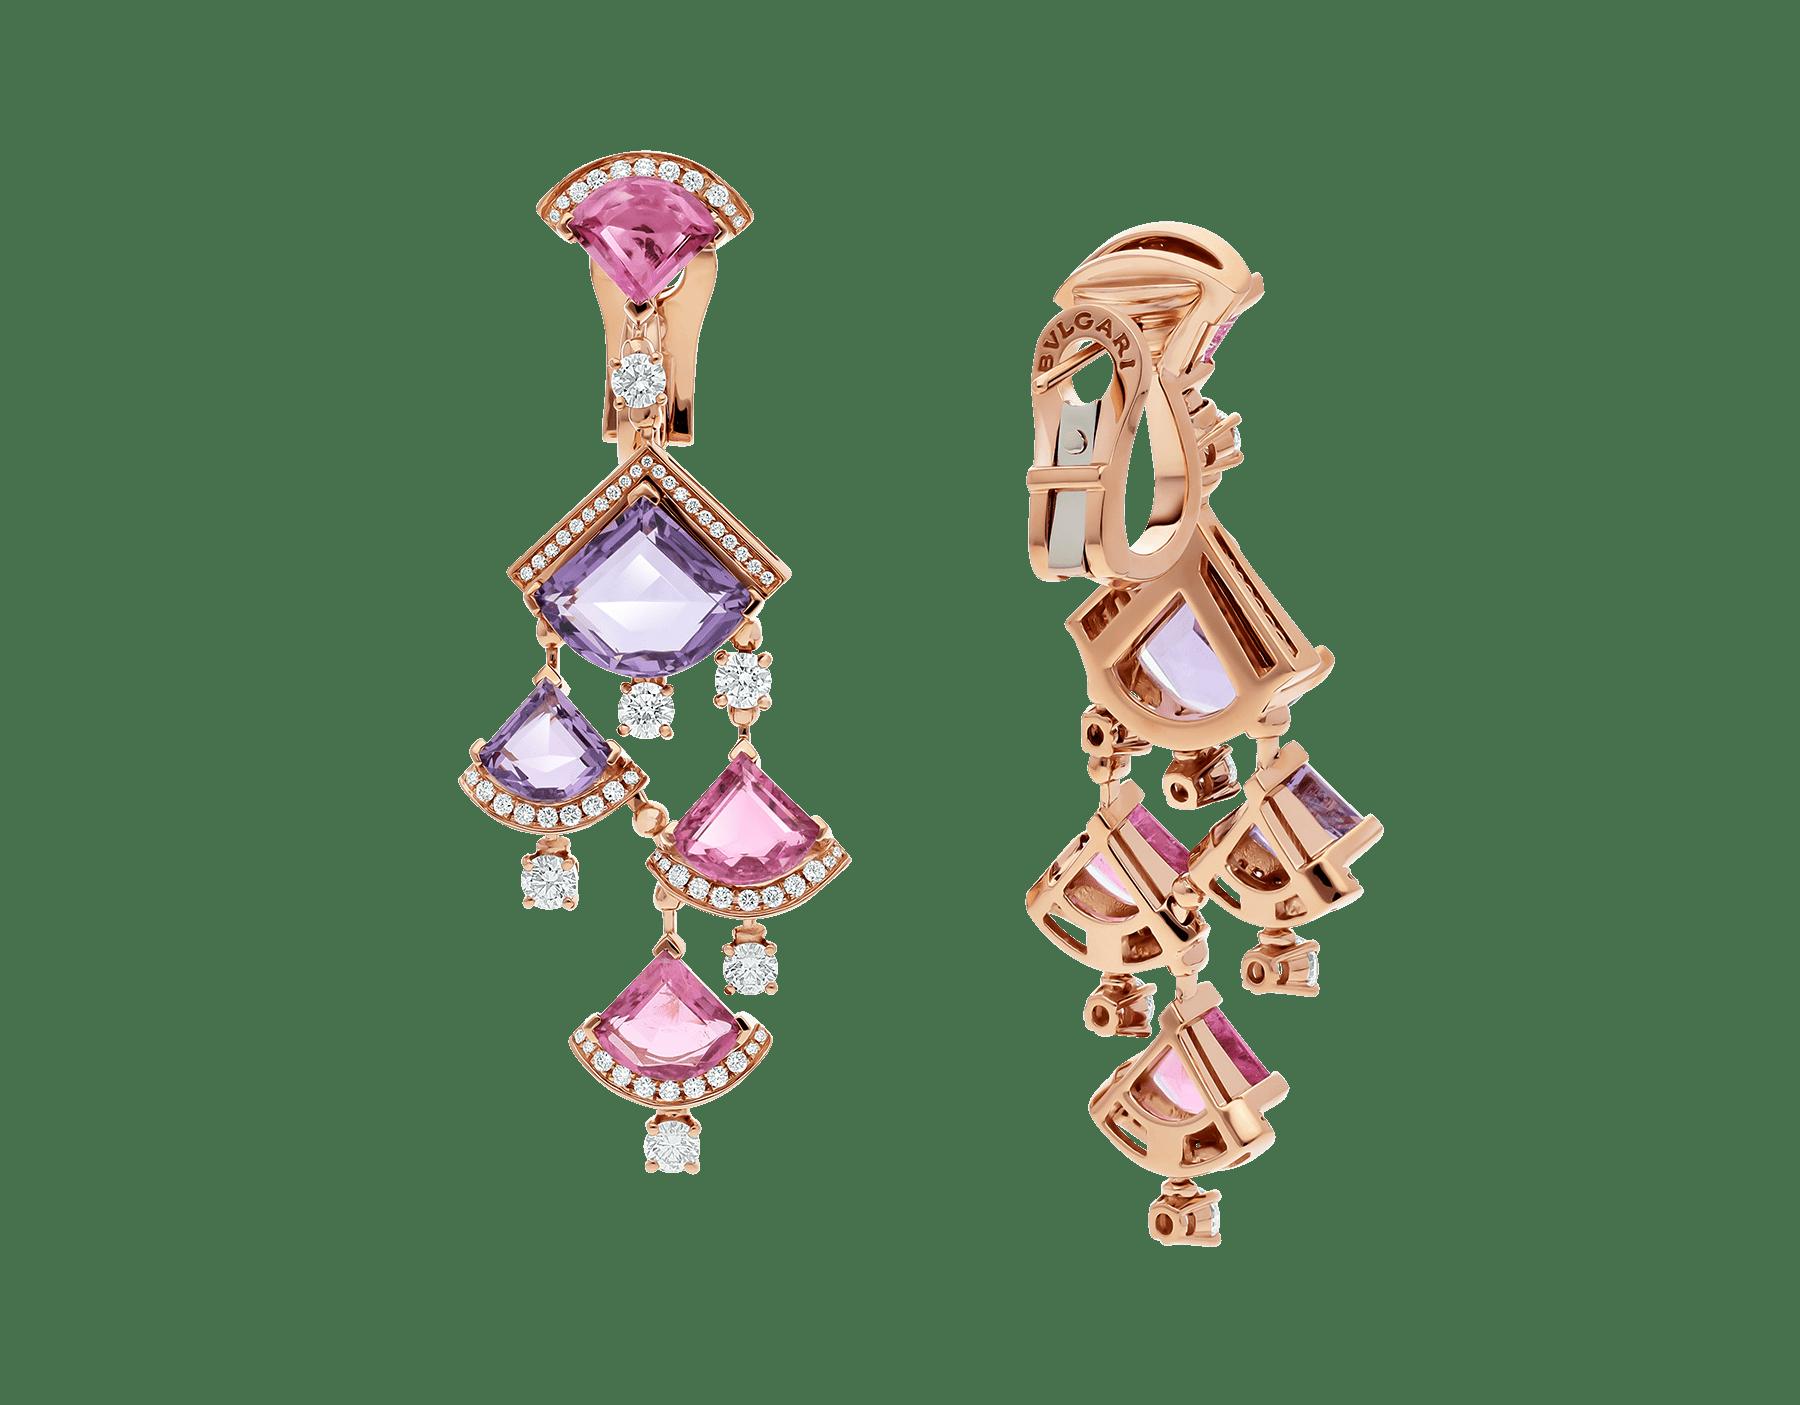 Серьги DIVAS' DREAM, розовое золото 18 карат, розовый рубеллит, аметист, бриллиантовое паве. 354078 image 3